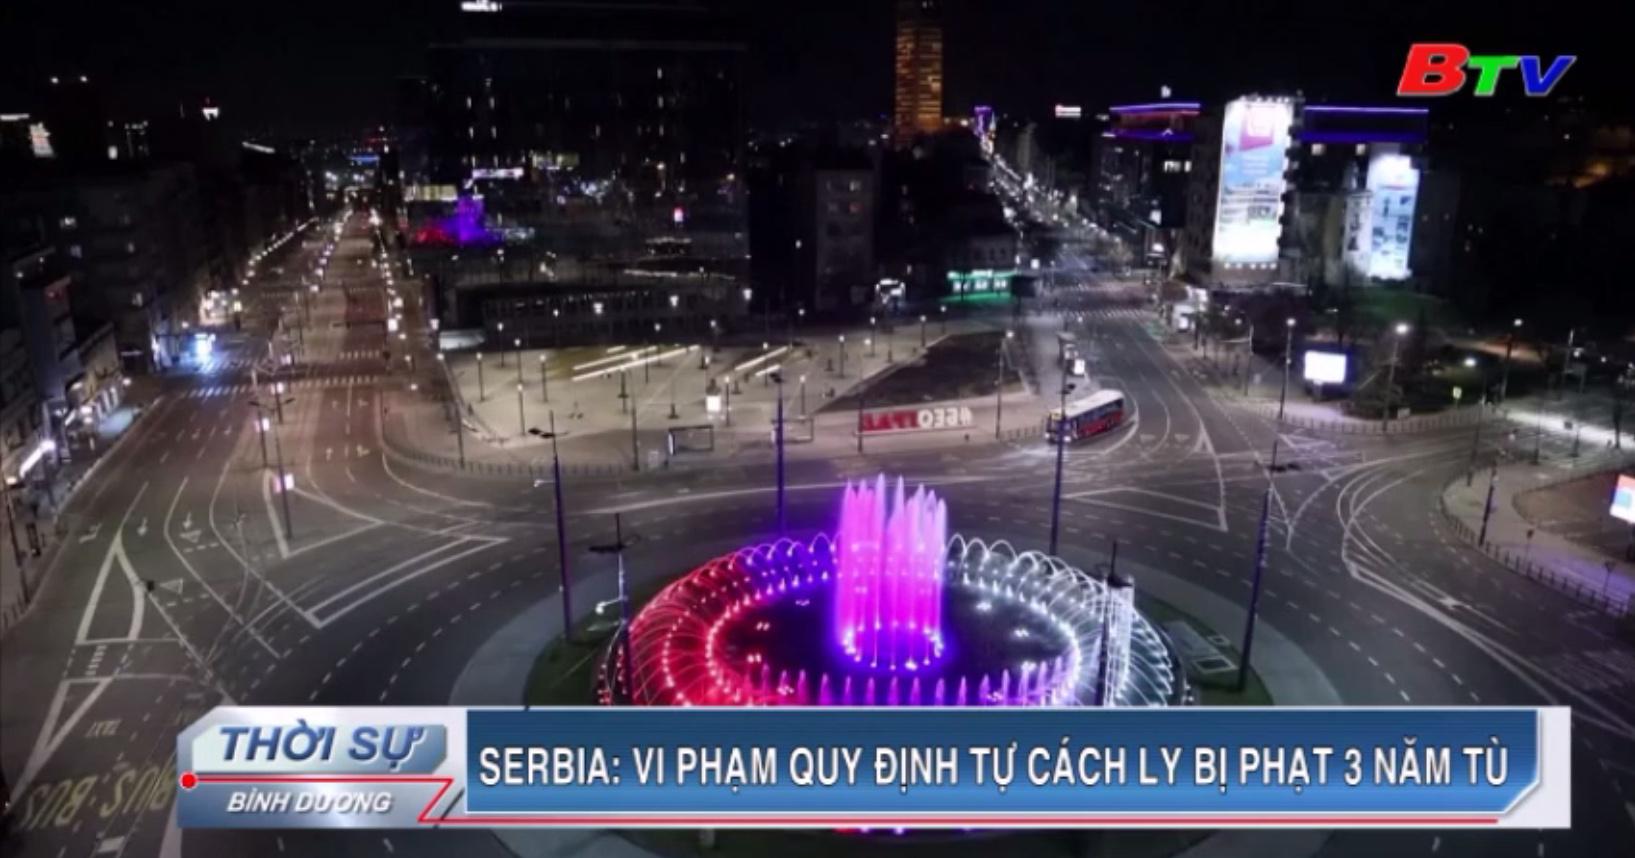 Serbia - Vi phạm quy định tự cách ly bị phạt 3 năm tù